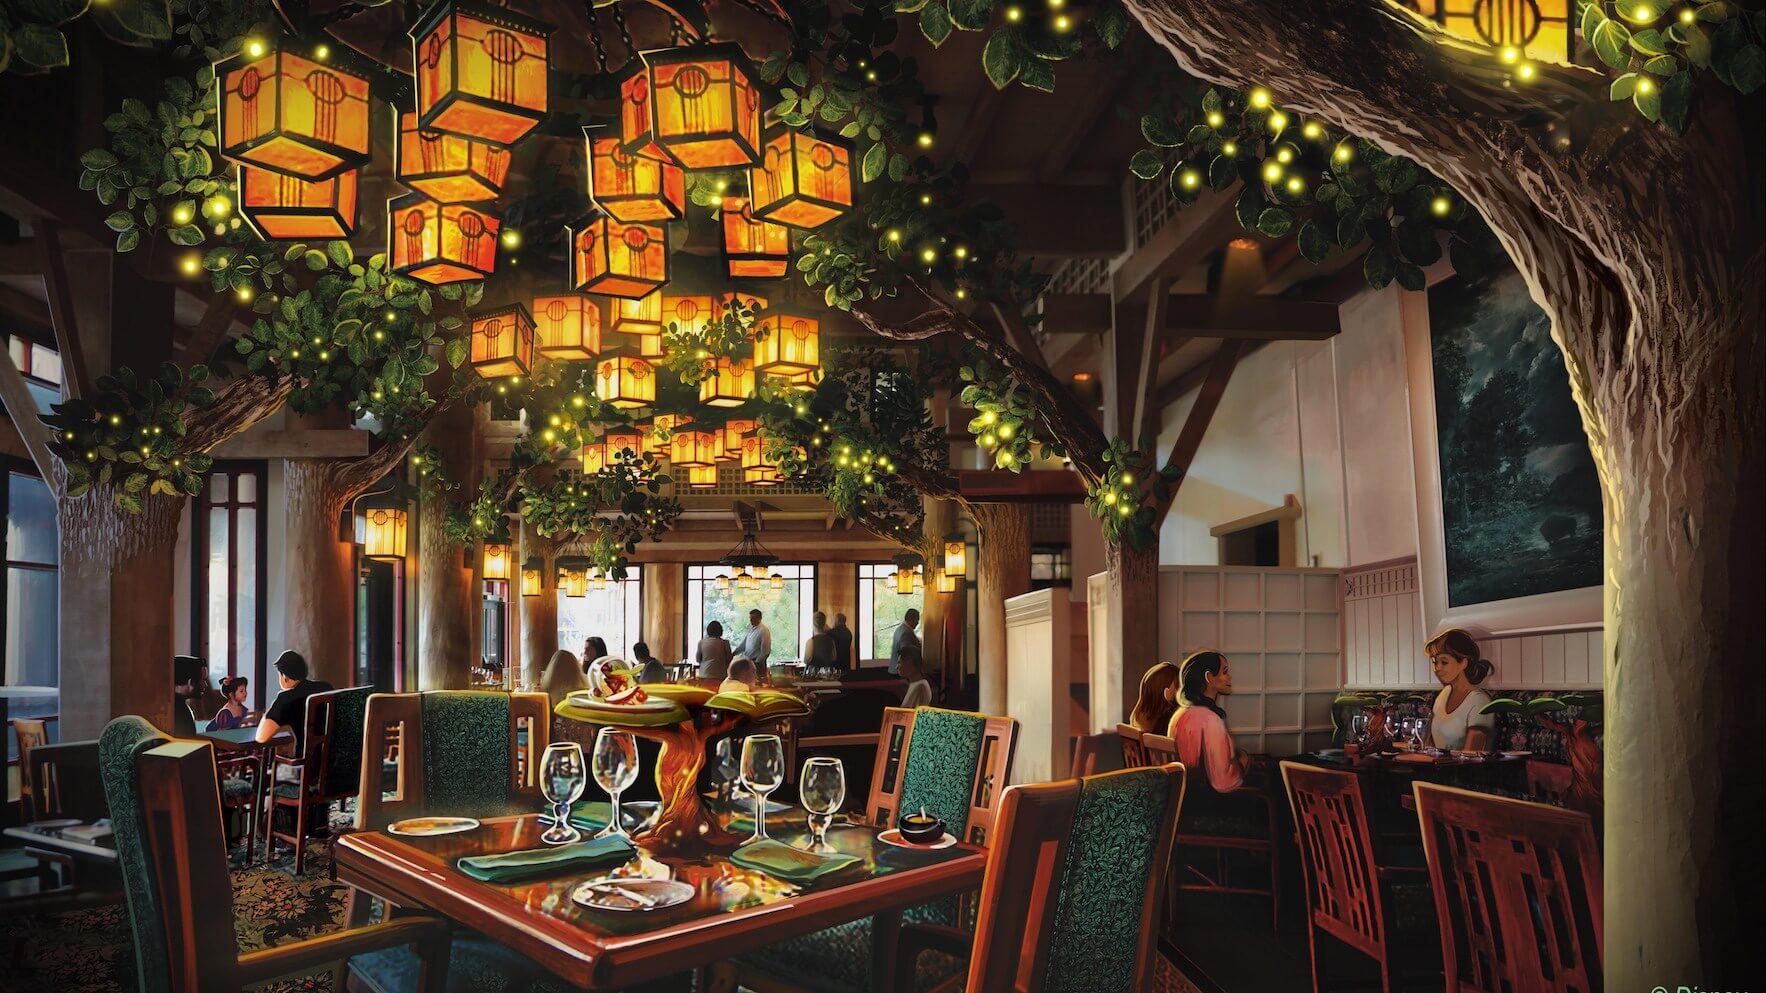 Storybook Dining: jantar com a Branca de Neve na Disney Orlando: restaurante